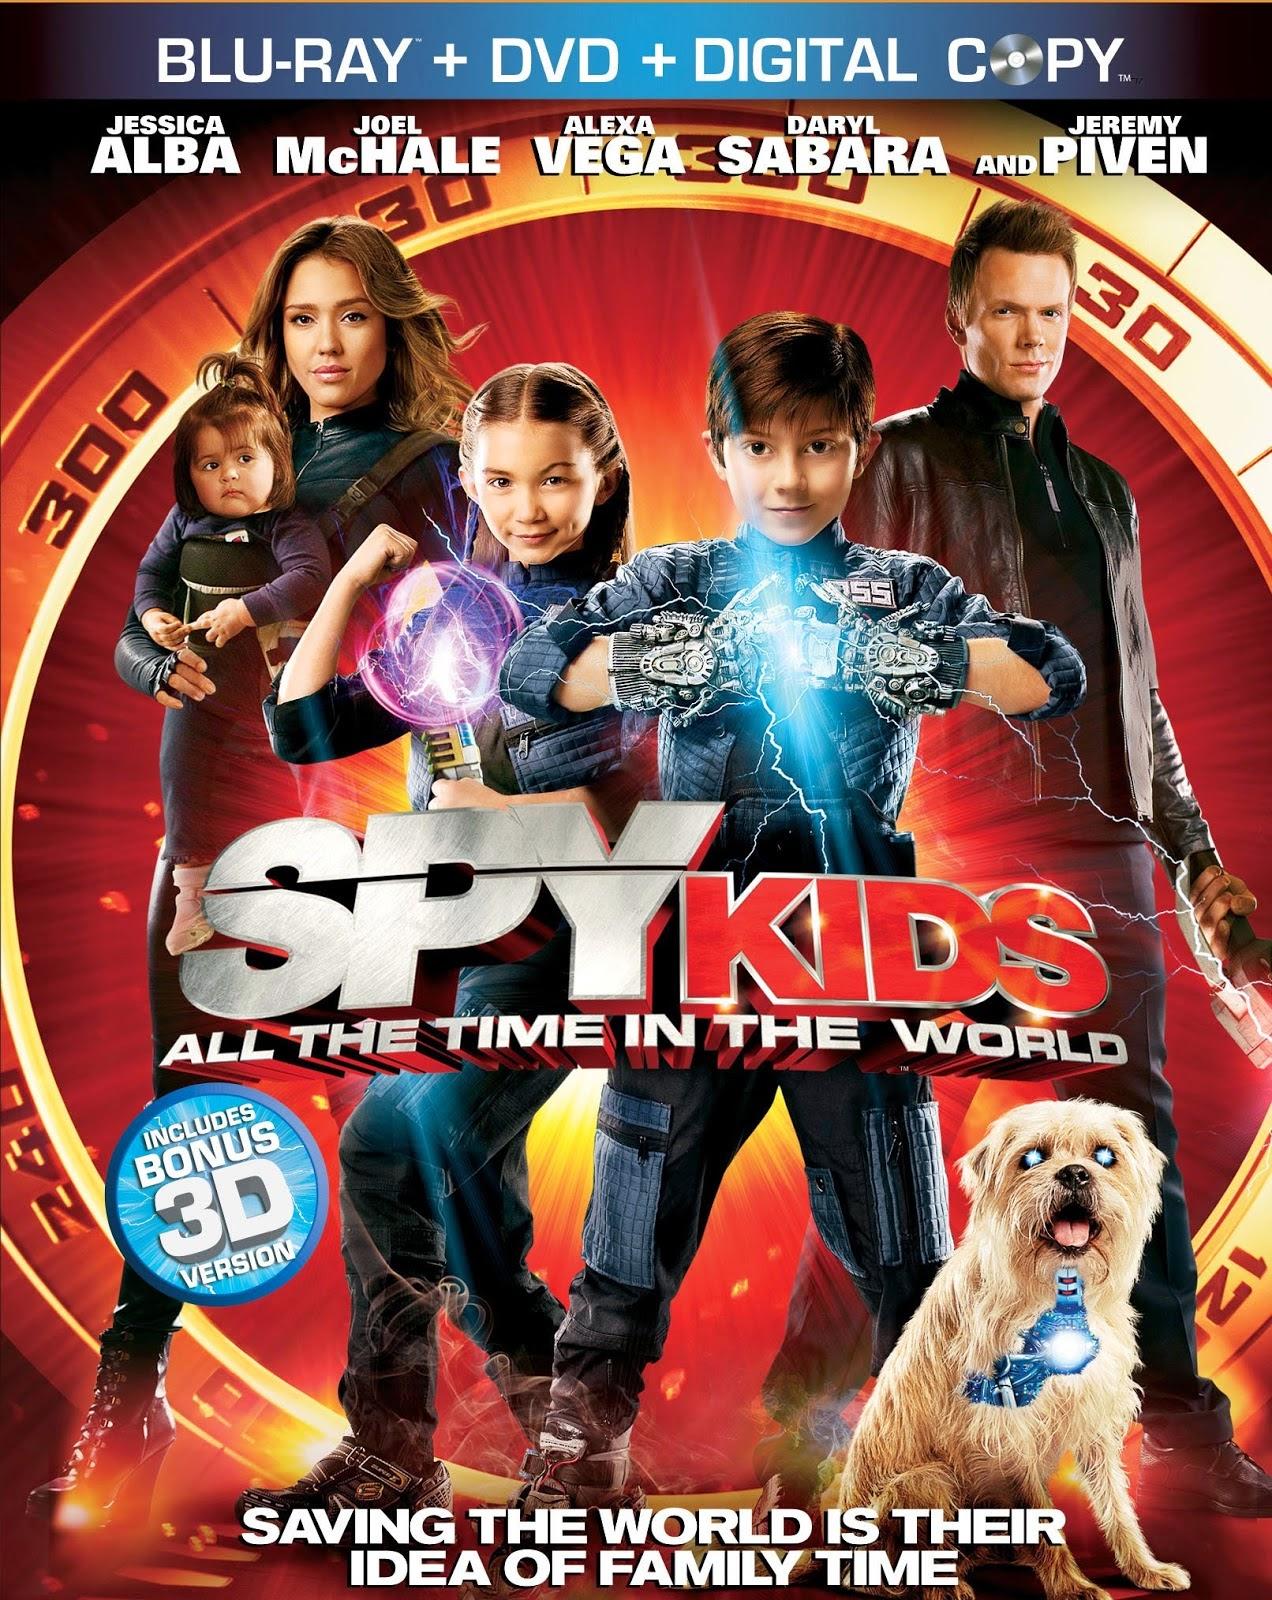 ดู Spy Kids All the Time in the World  ซุปเปอร์ทีมระเบิดพลังทะลุจอ